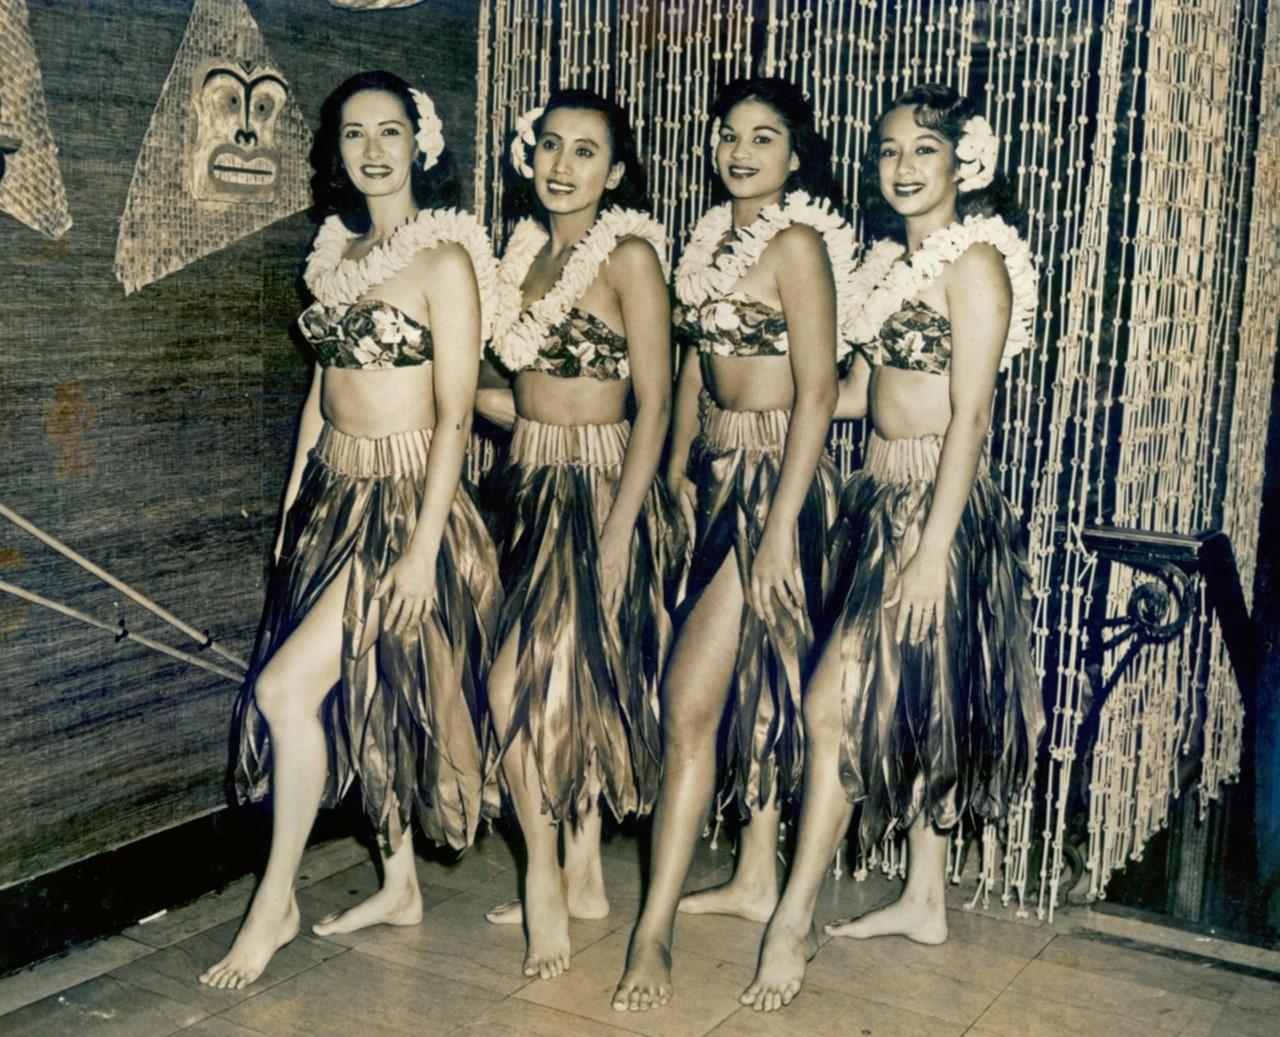 The Hawaiian Room photo courtesy of The MACC.